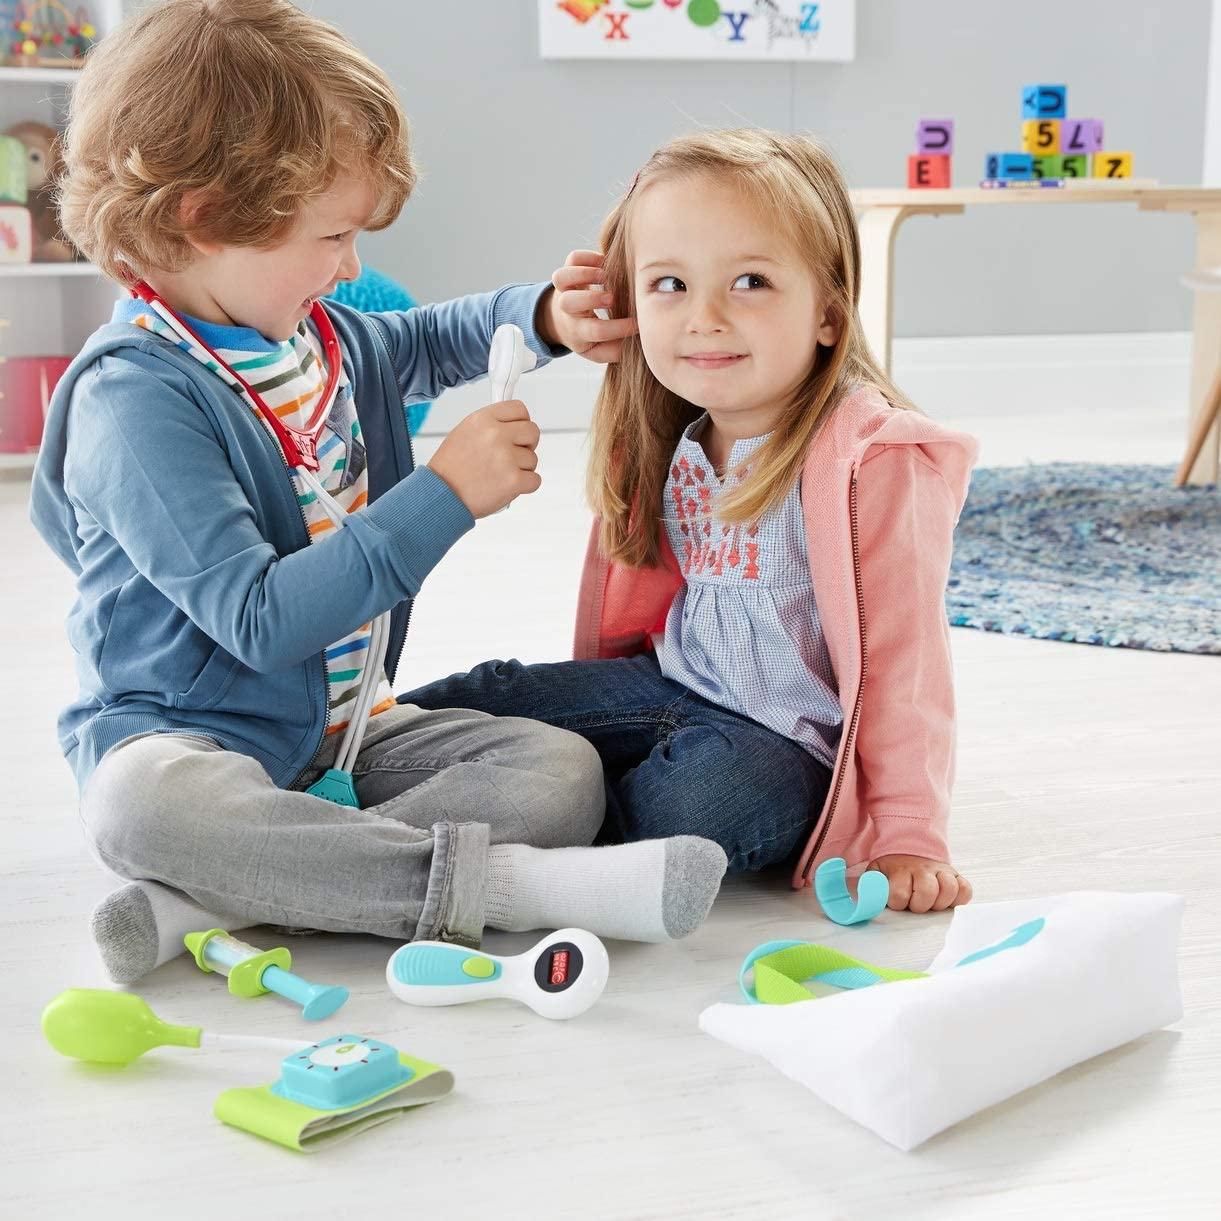 Kit da dottore per bambini